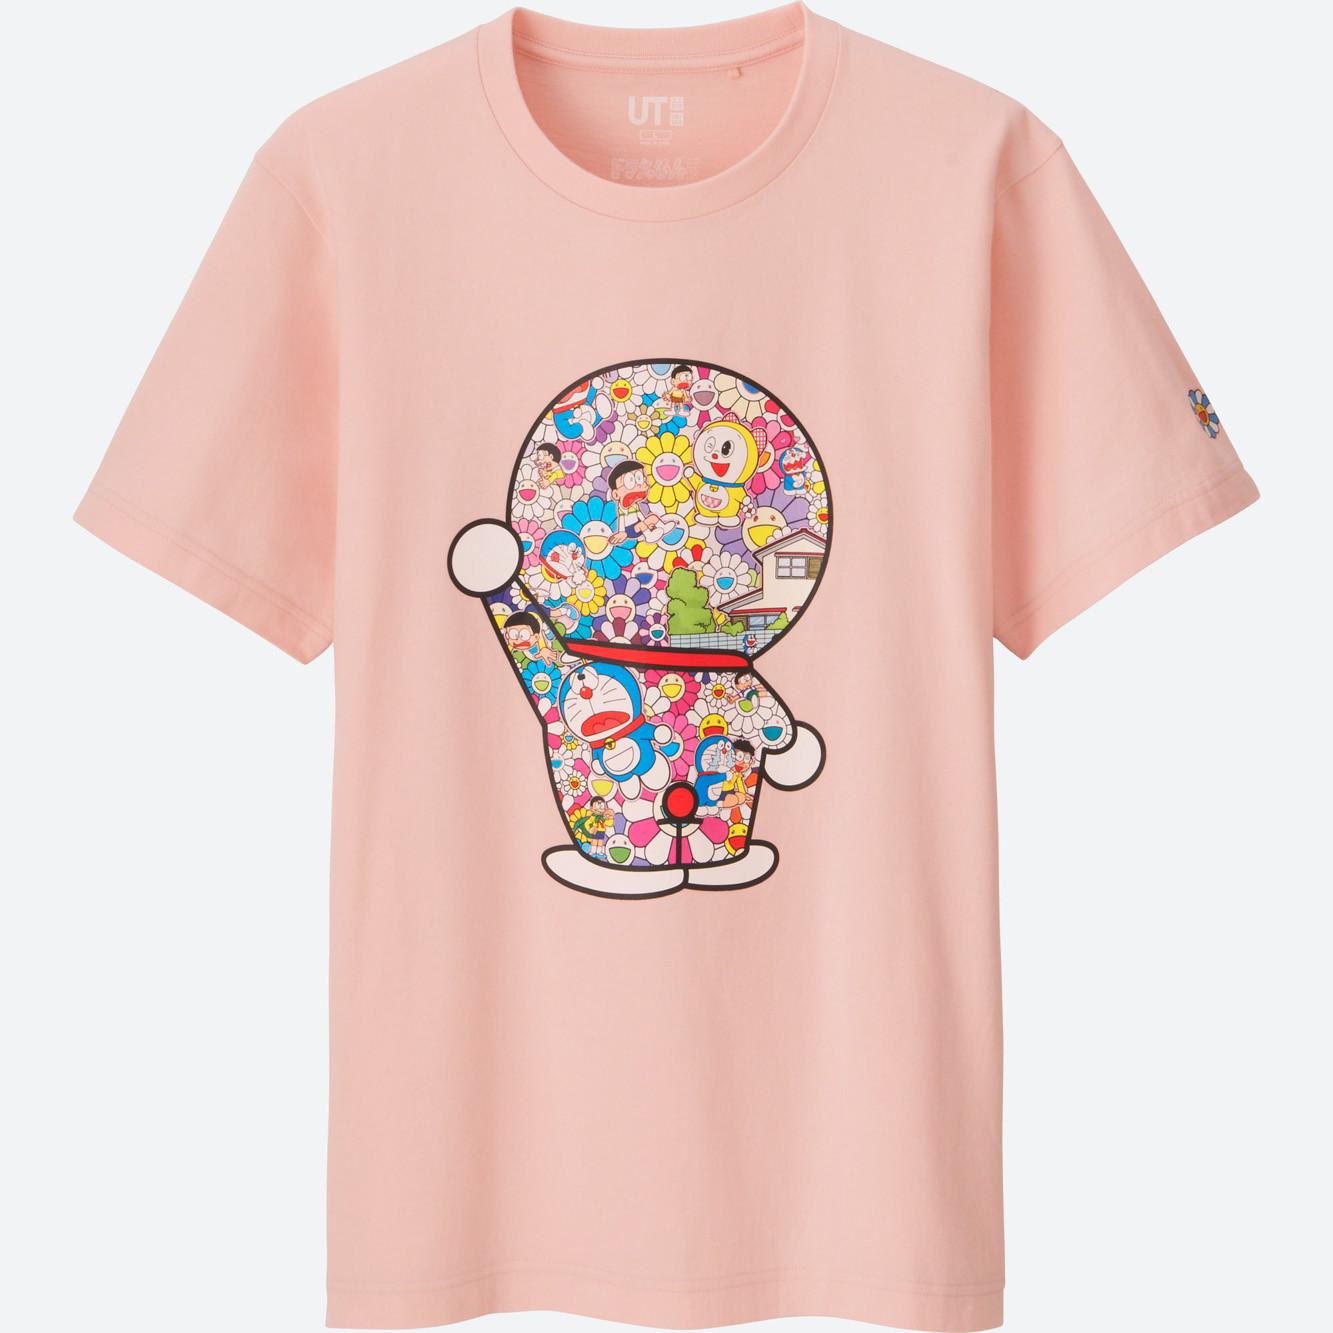 ユニクロが ドラえもんut 発売 村上隆の作品がtシャツやぬいぐるみに